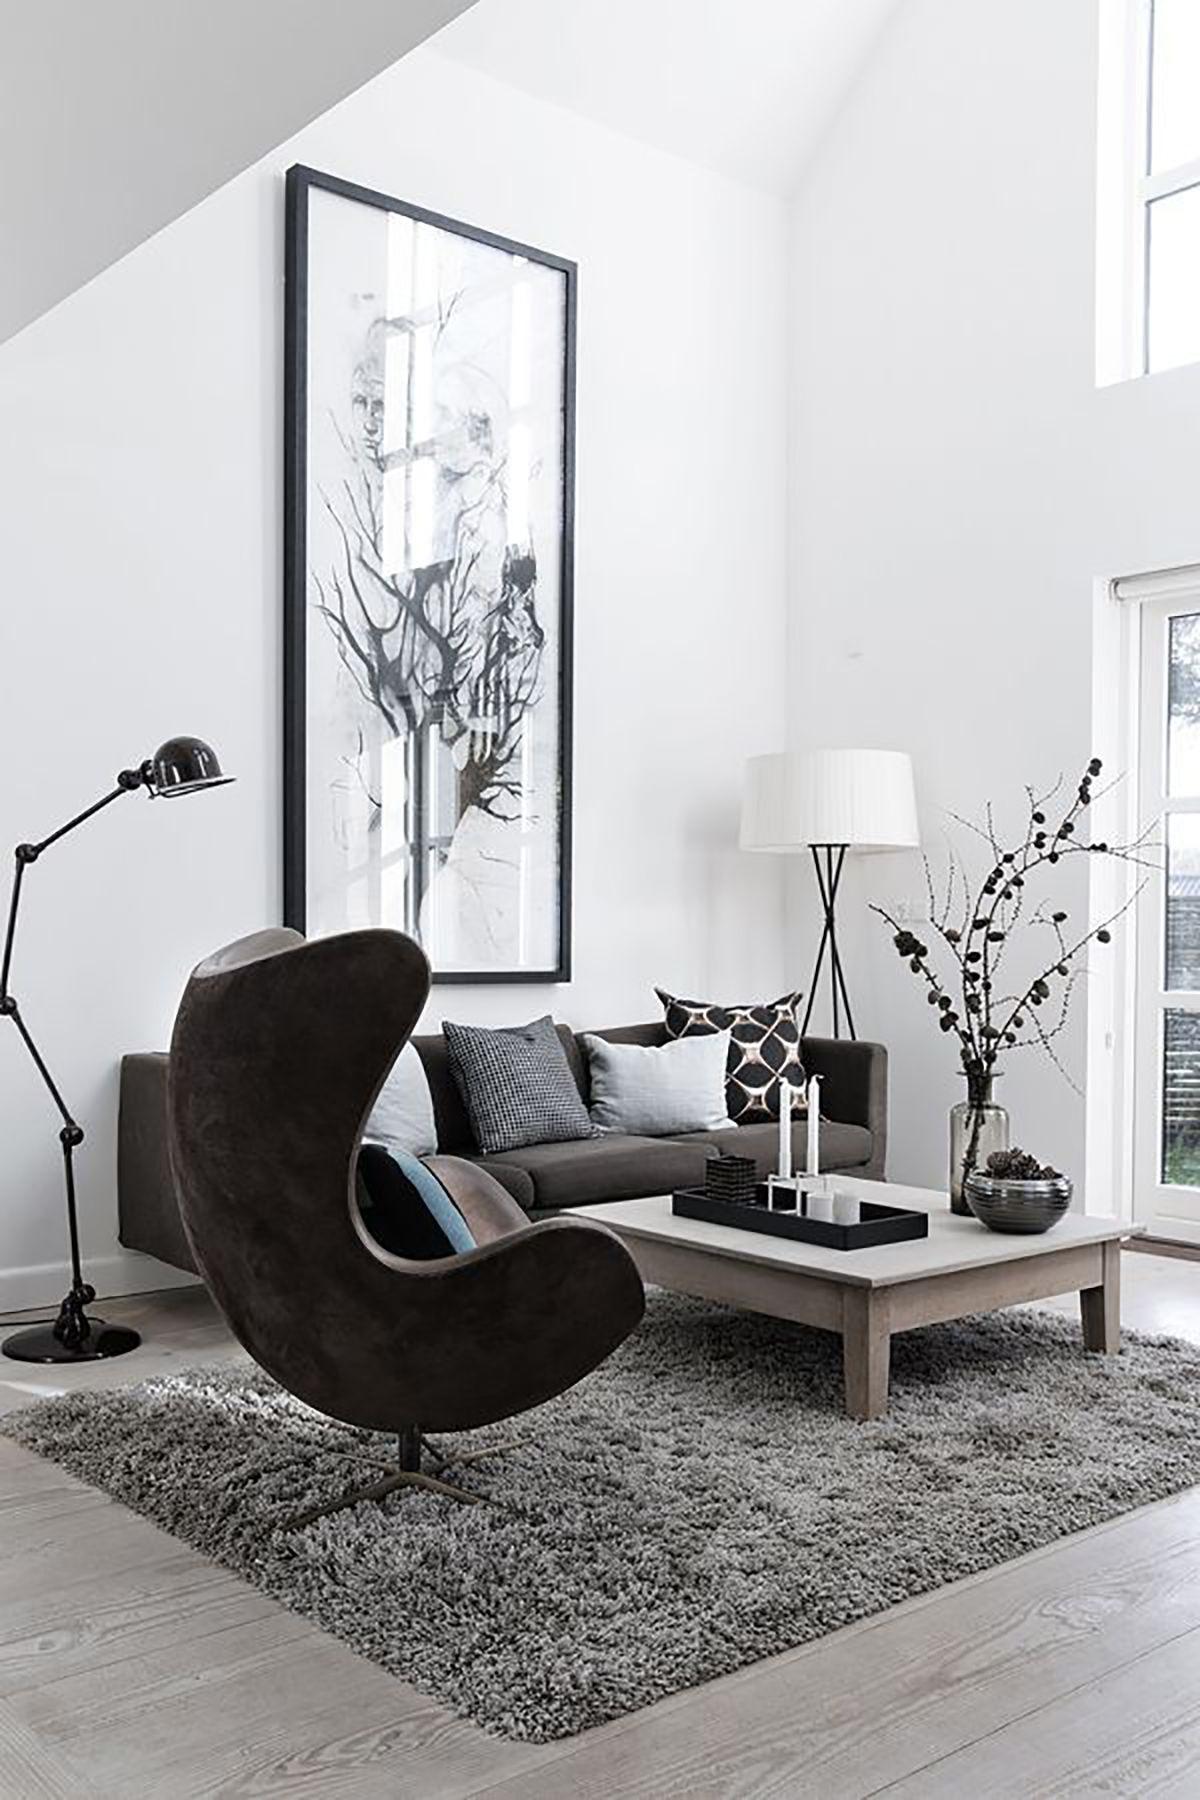 Salotti Idee Arredo.Interior Design Ideas Home Decor Decor Salotti